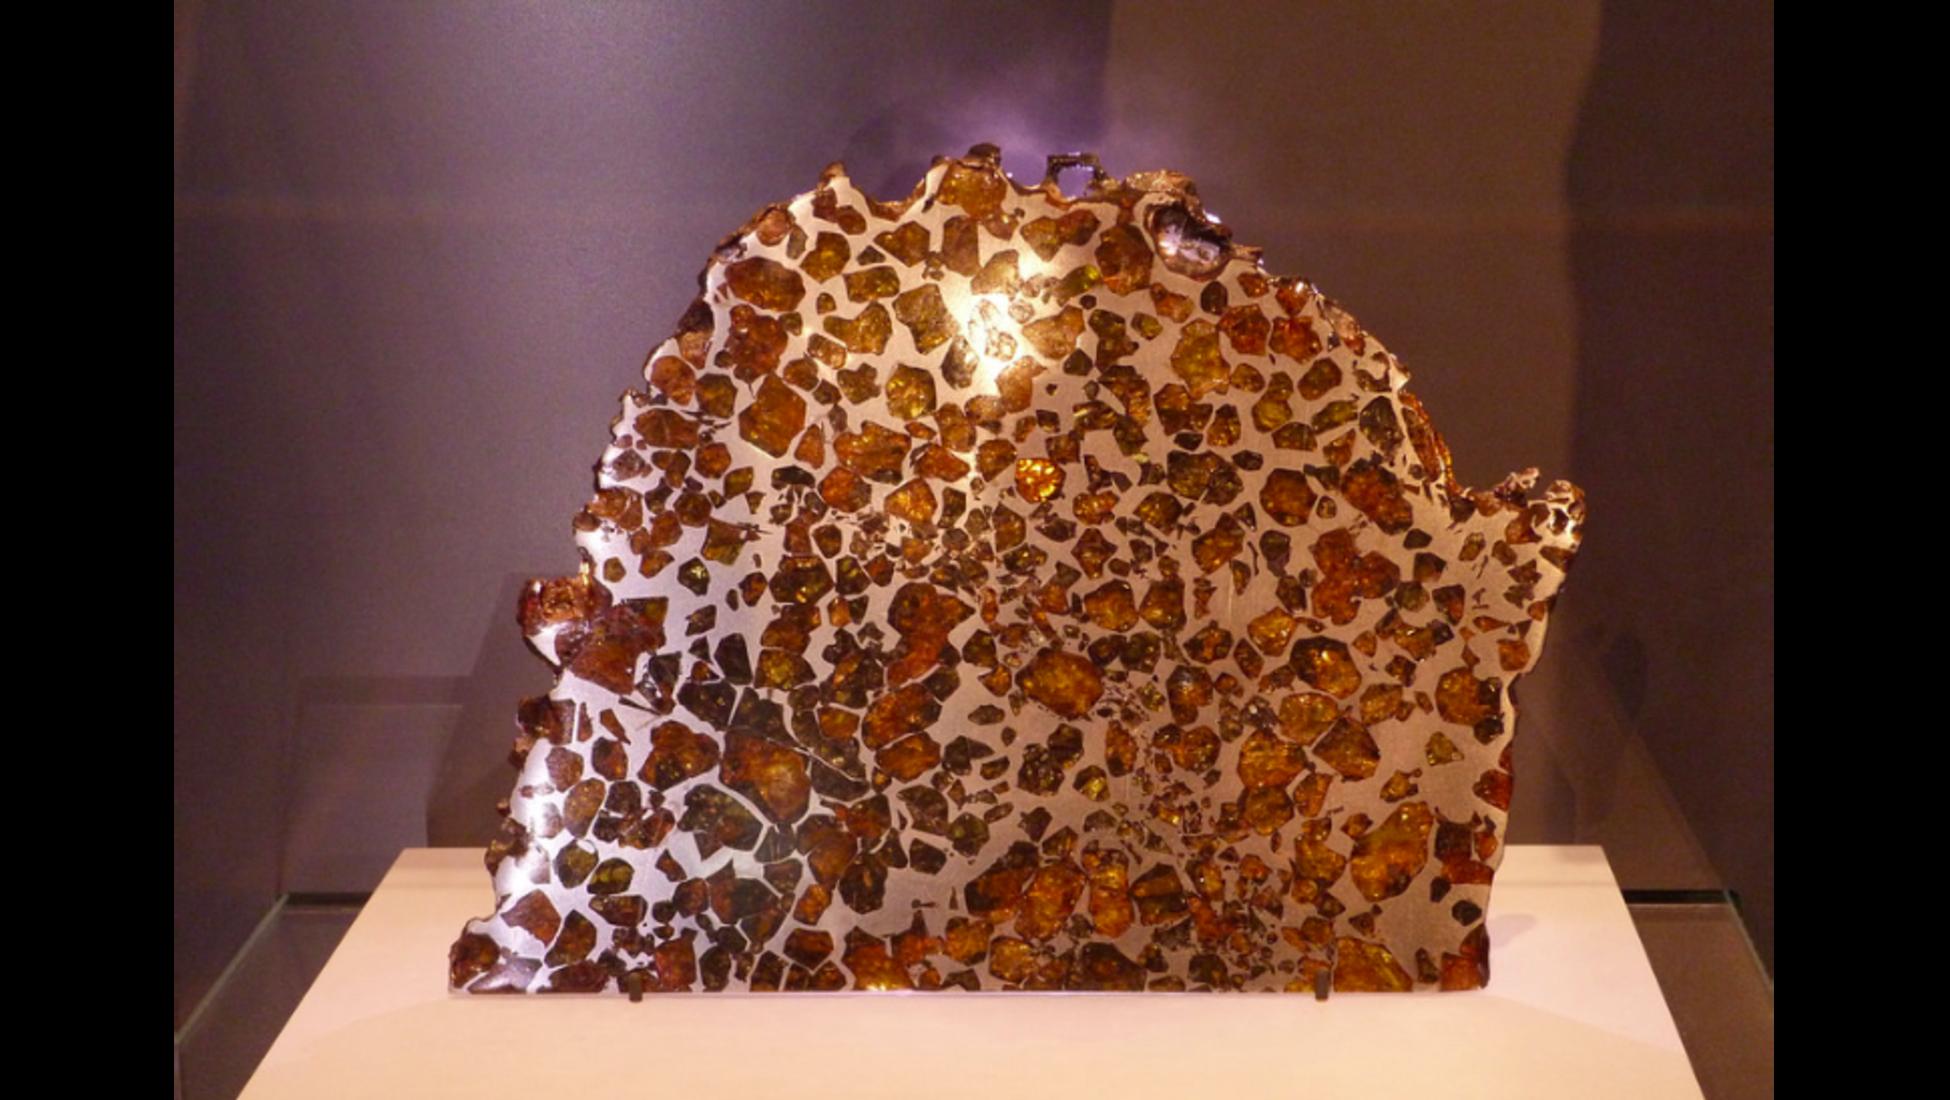 de topp 10 dyraste meteoriterna som n229gonsin erbjudits p229